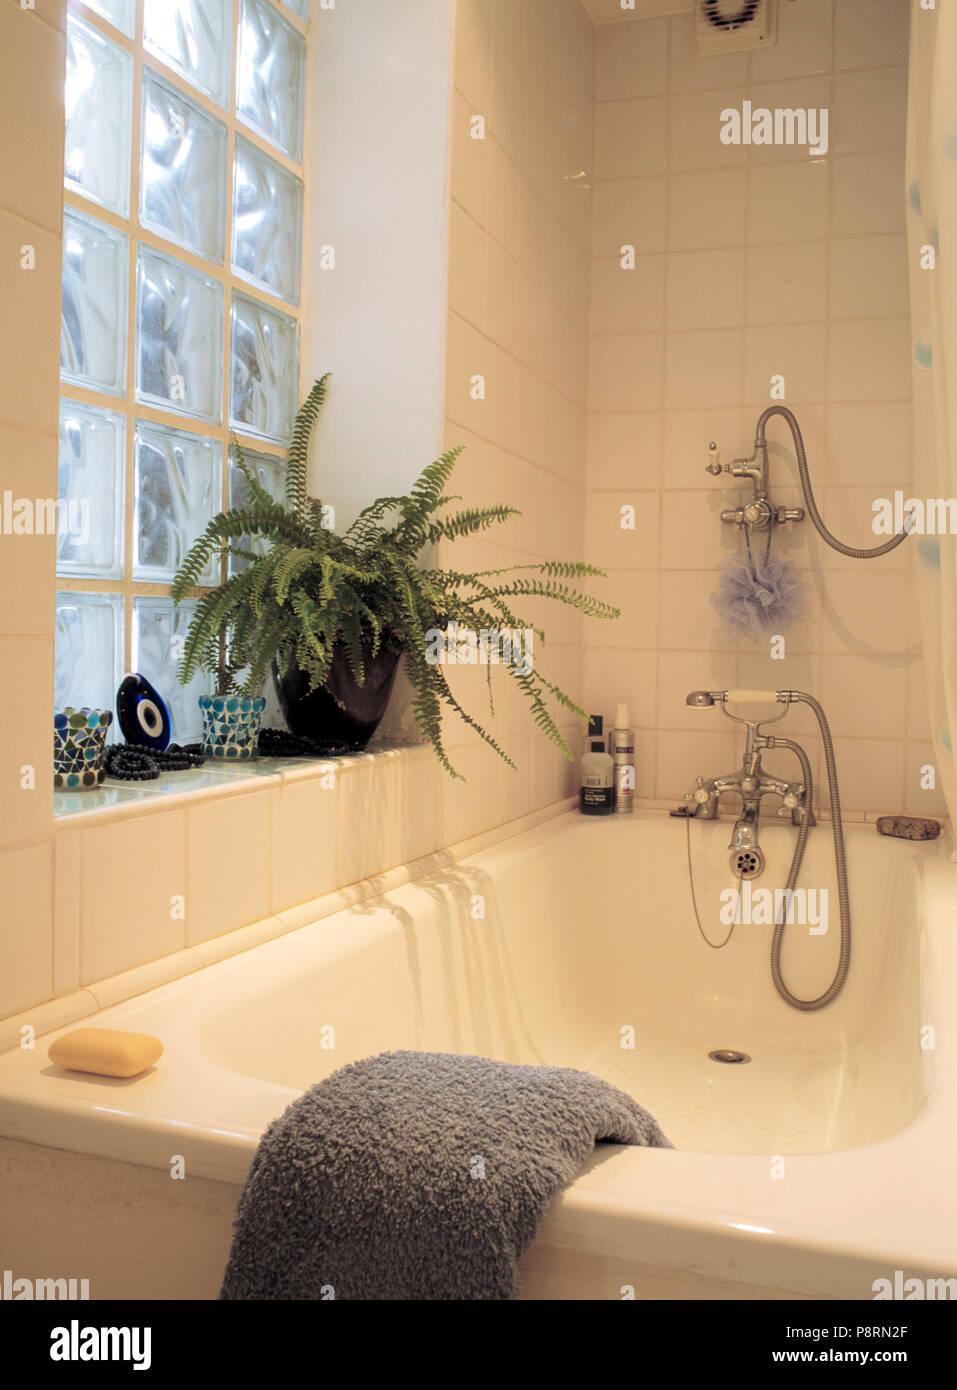 Badewanne mit Chrom Dusche in kleinen weiß gefliestes Badezimmer ...